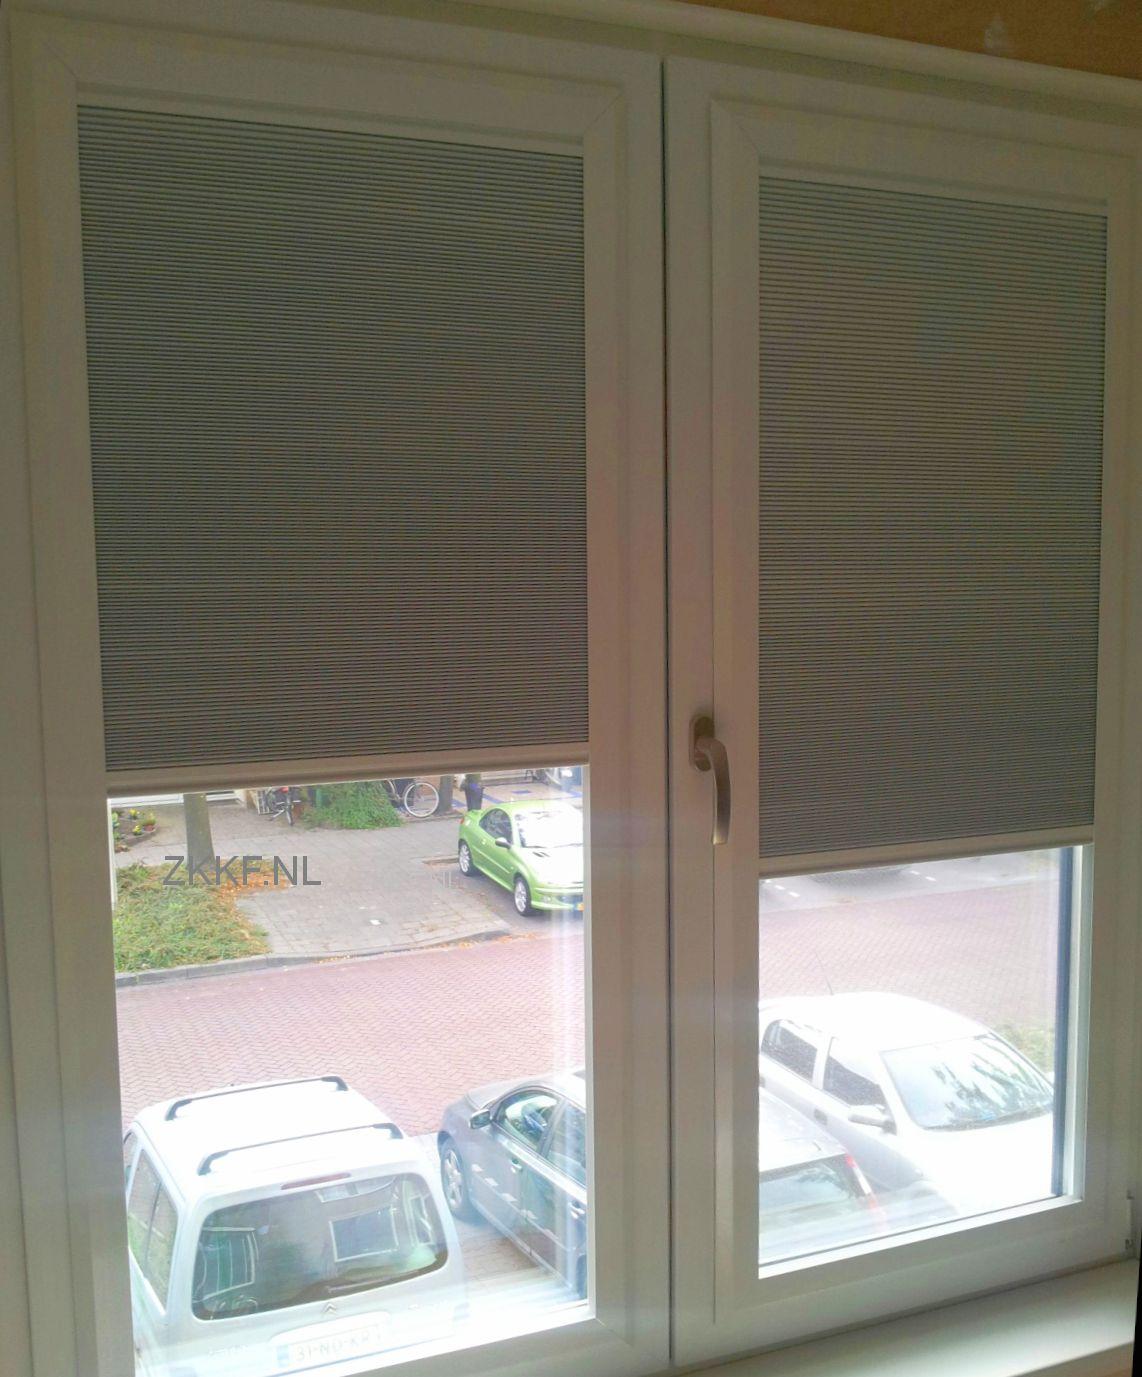 kleuren keje raamdecoratie raamdecoratie voor kunststof kozijnen en draaikiep ramen